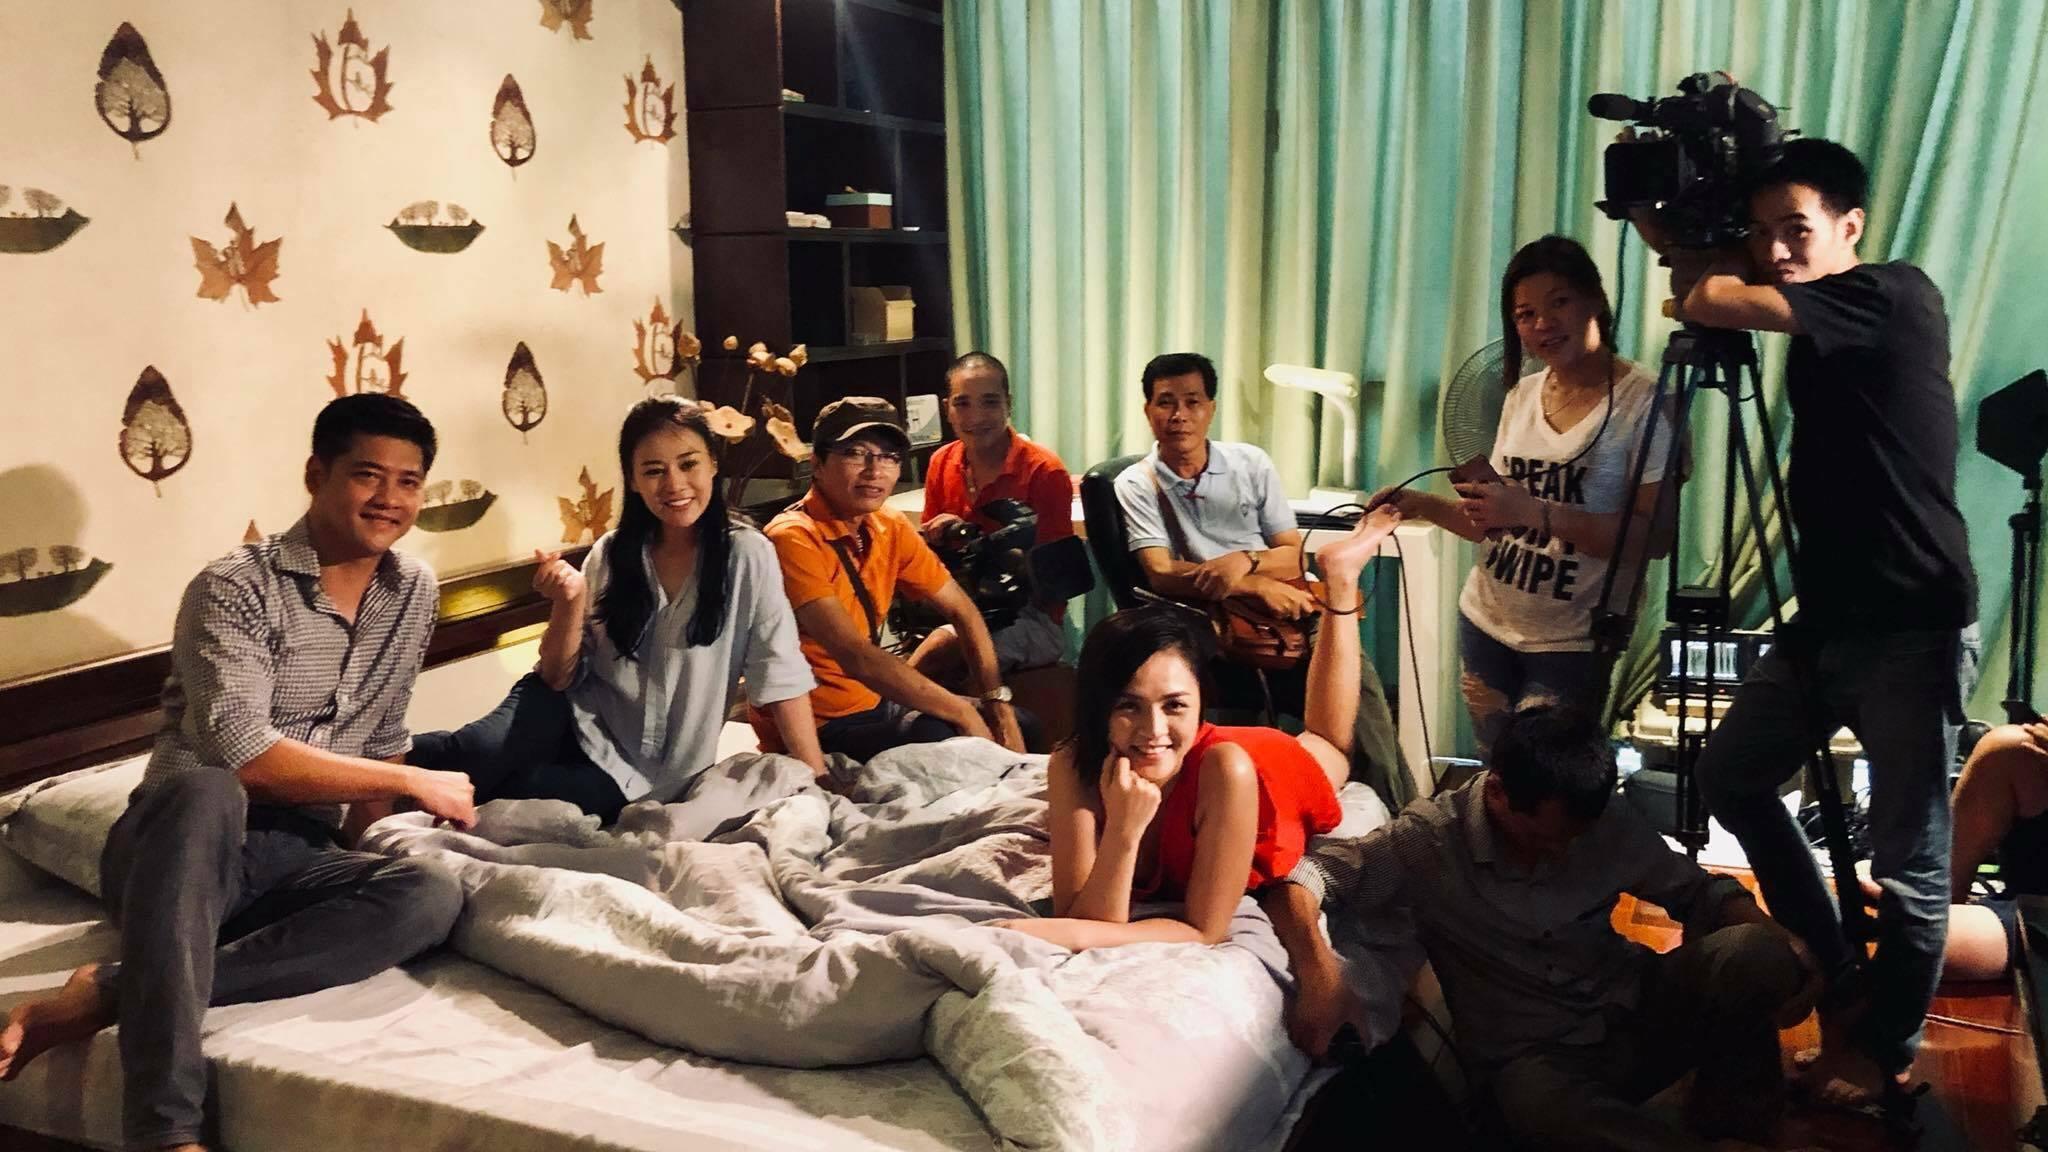 Đoàn phim 'Quỳnh Búp Bê' tiếp tục bấm máy sau tuyên bố dừng chiếu trên VTV